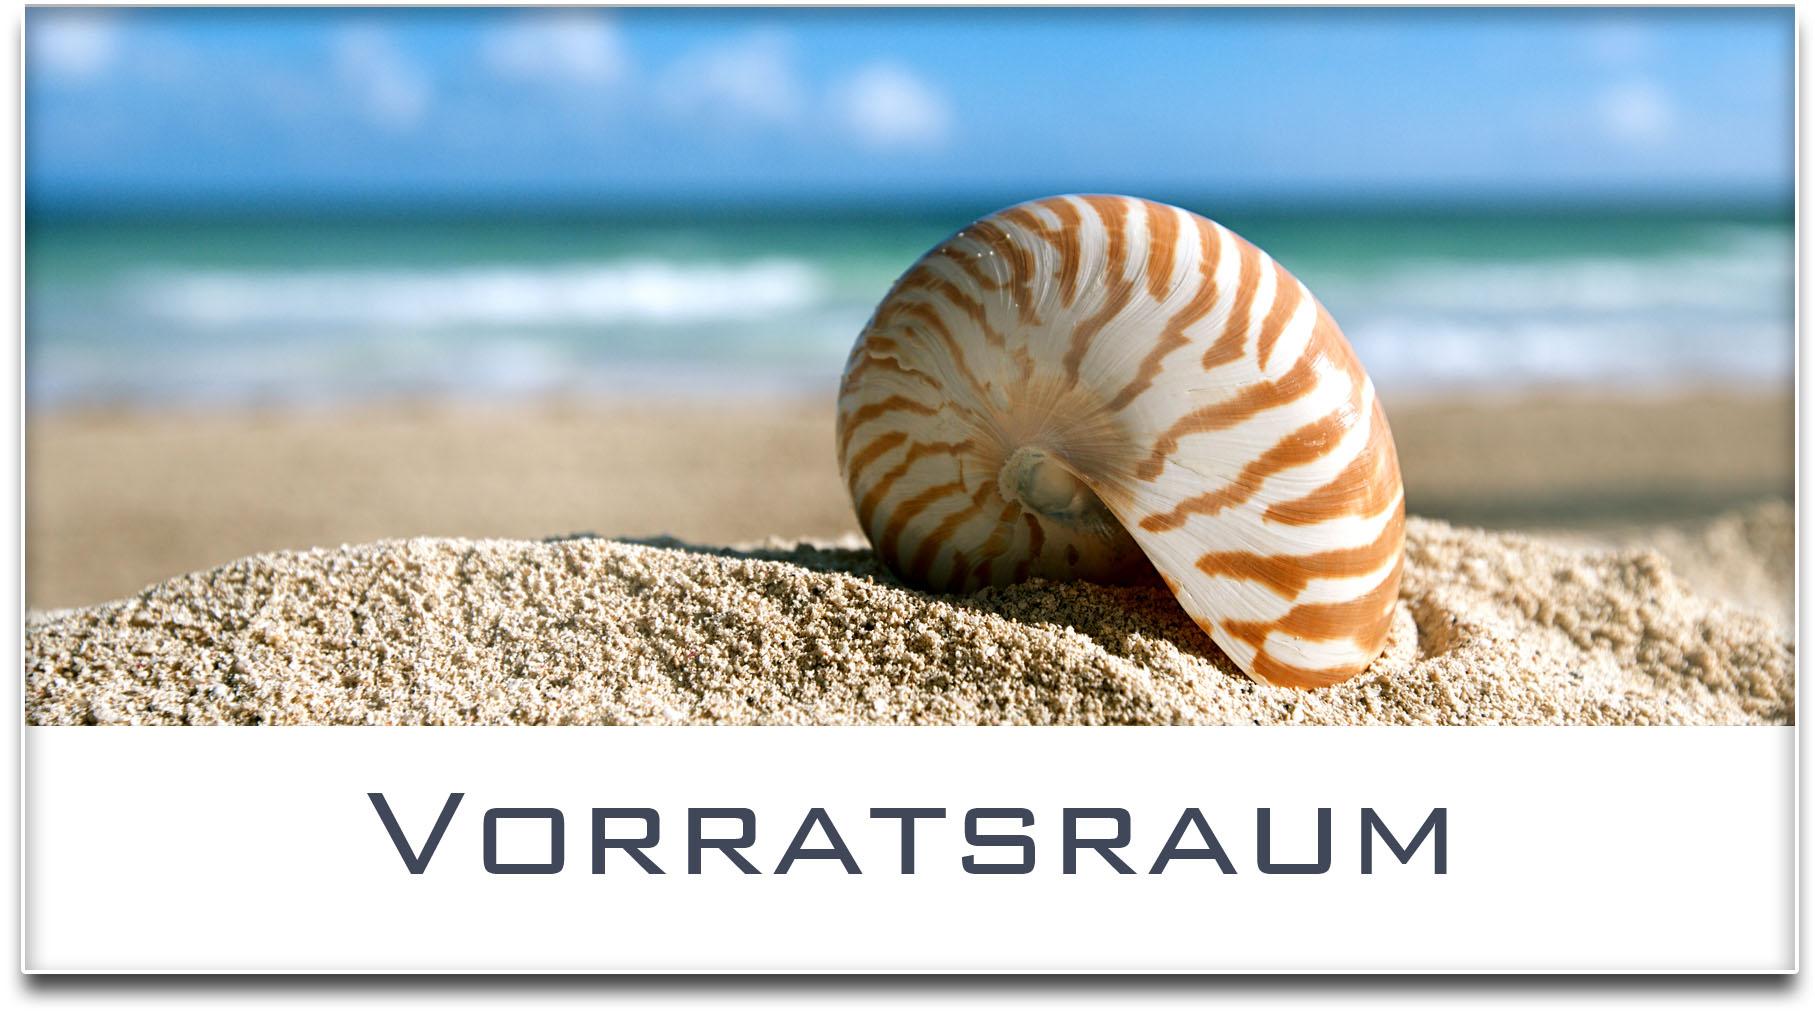 Türschild / Haustürschild / Muschel / Strand / Vorratsraum / Selbstklebend